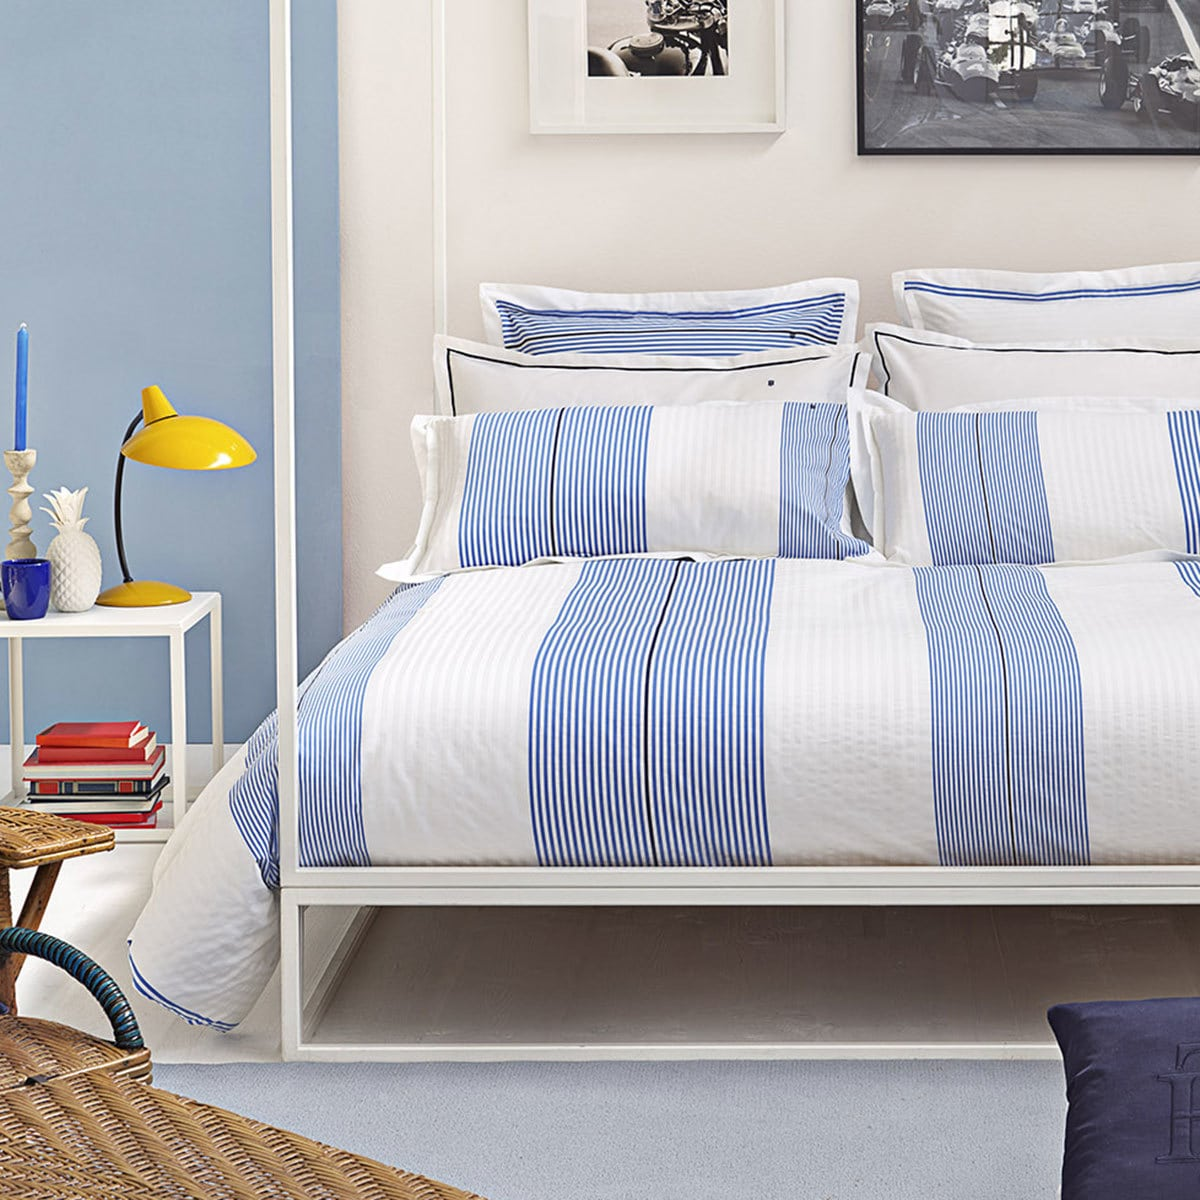 tommy hilfiger perkal bettw sche wei und blau gestreift g nstig online kaufen bei bettwaren shop. Black Bedroom Furniture Sets. Home Design Ideas